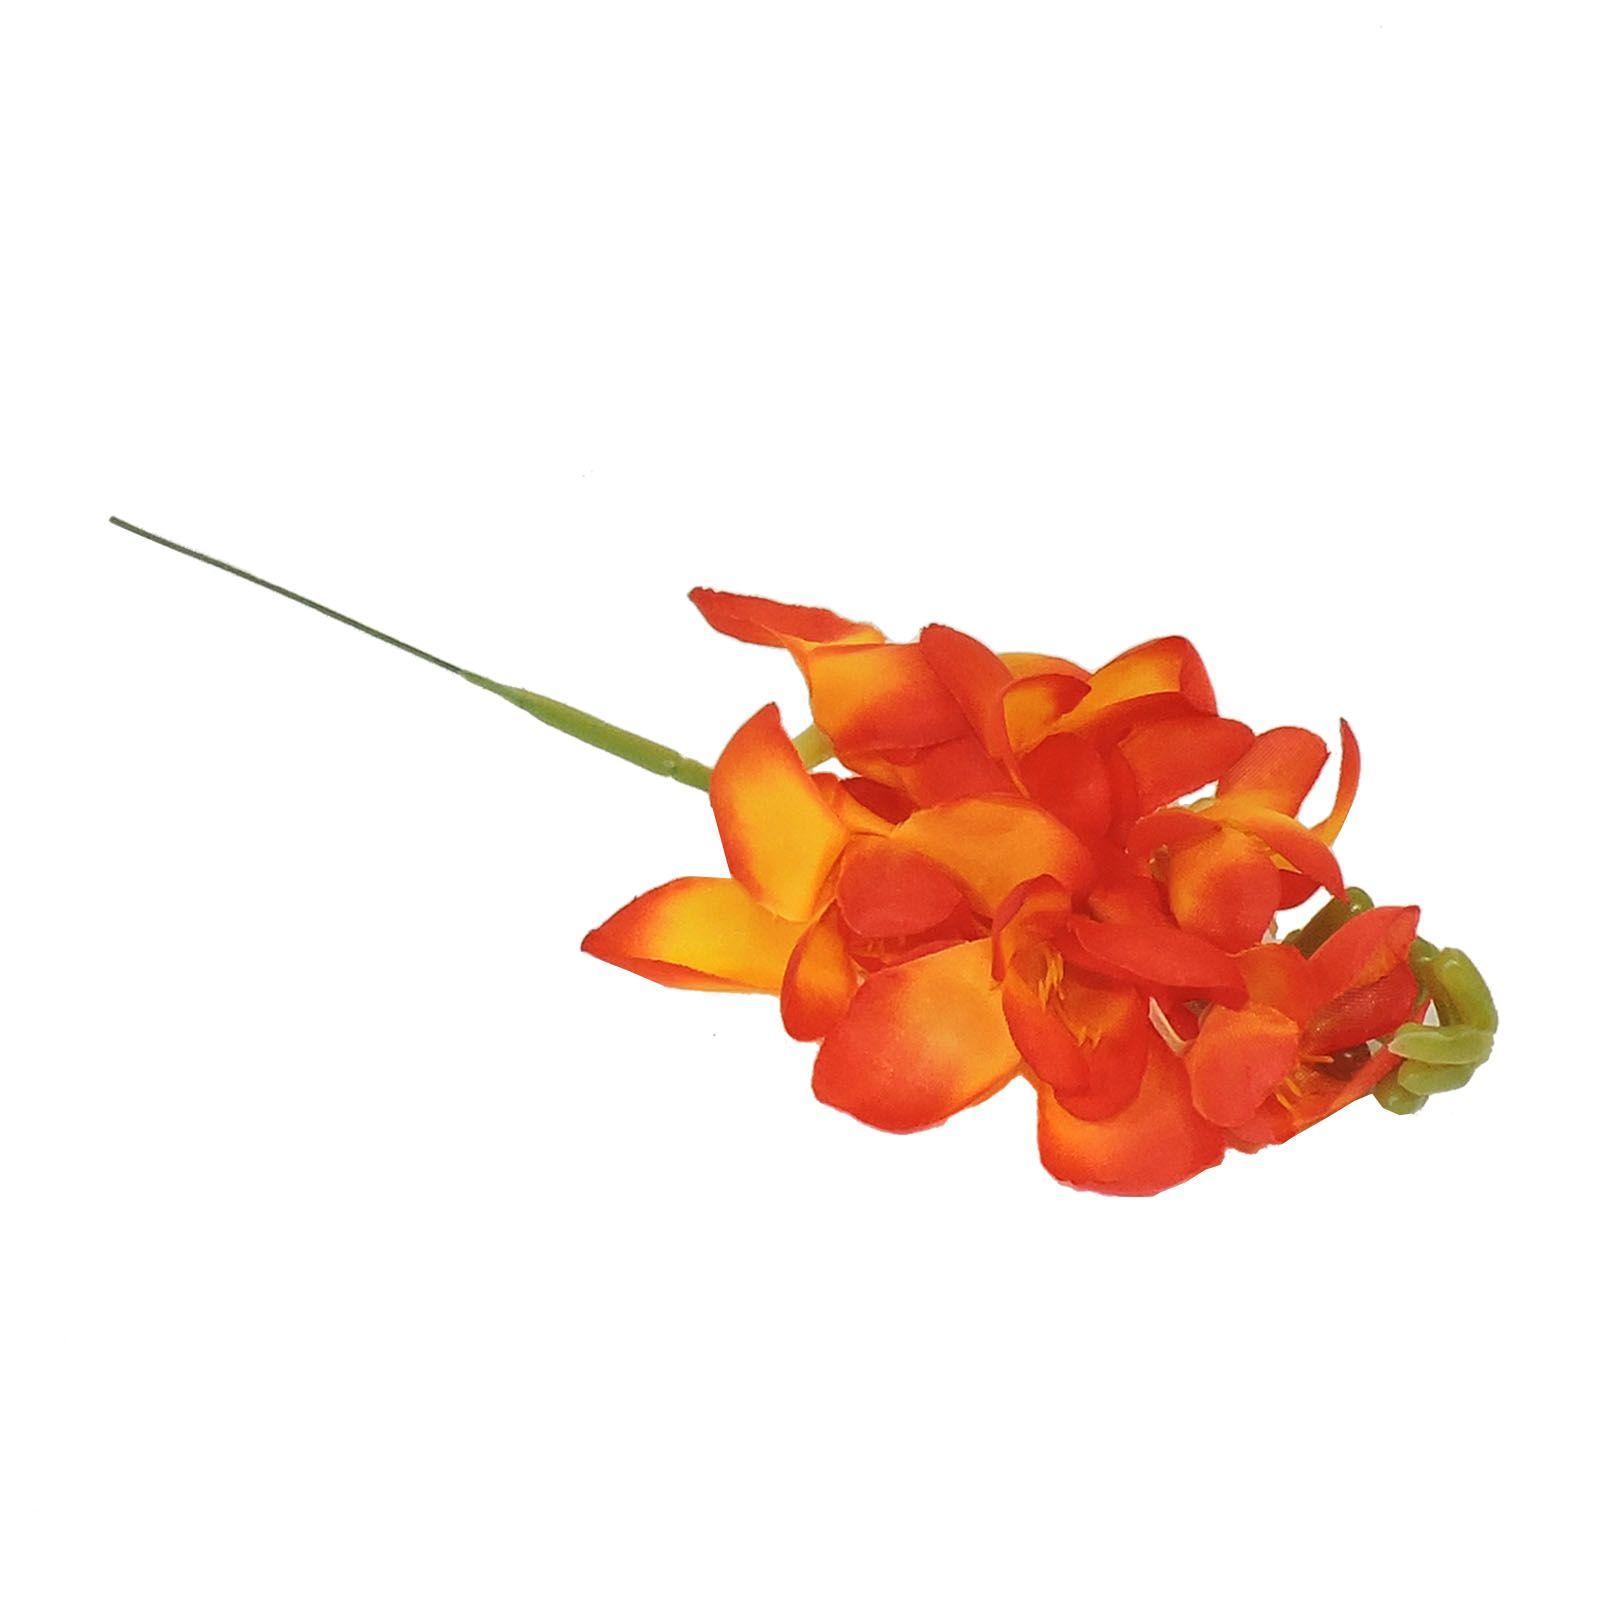 Frézie - umělá květina